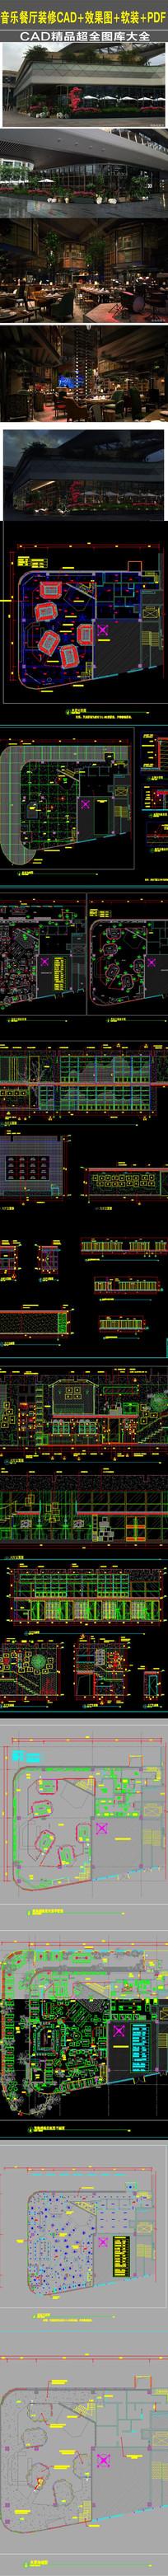 音乐餐厅效果图cAD施工图